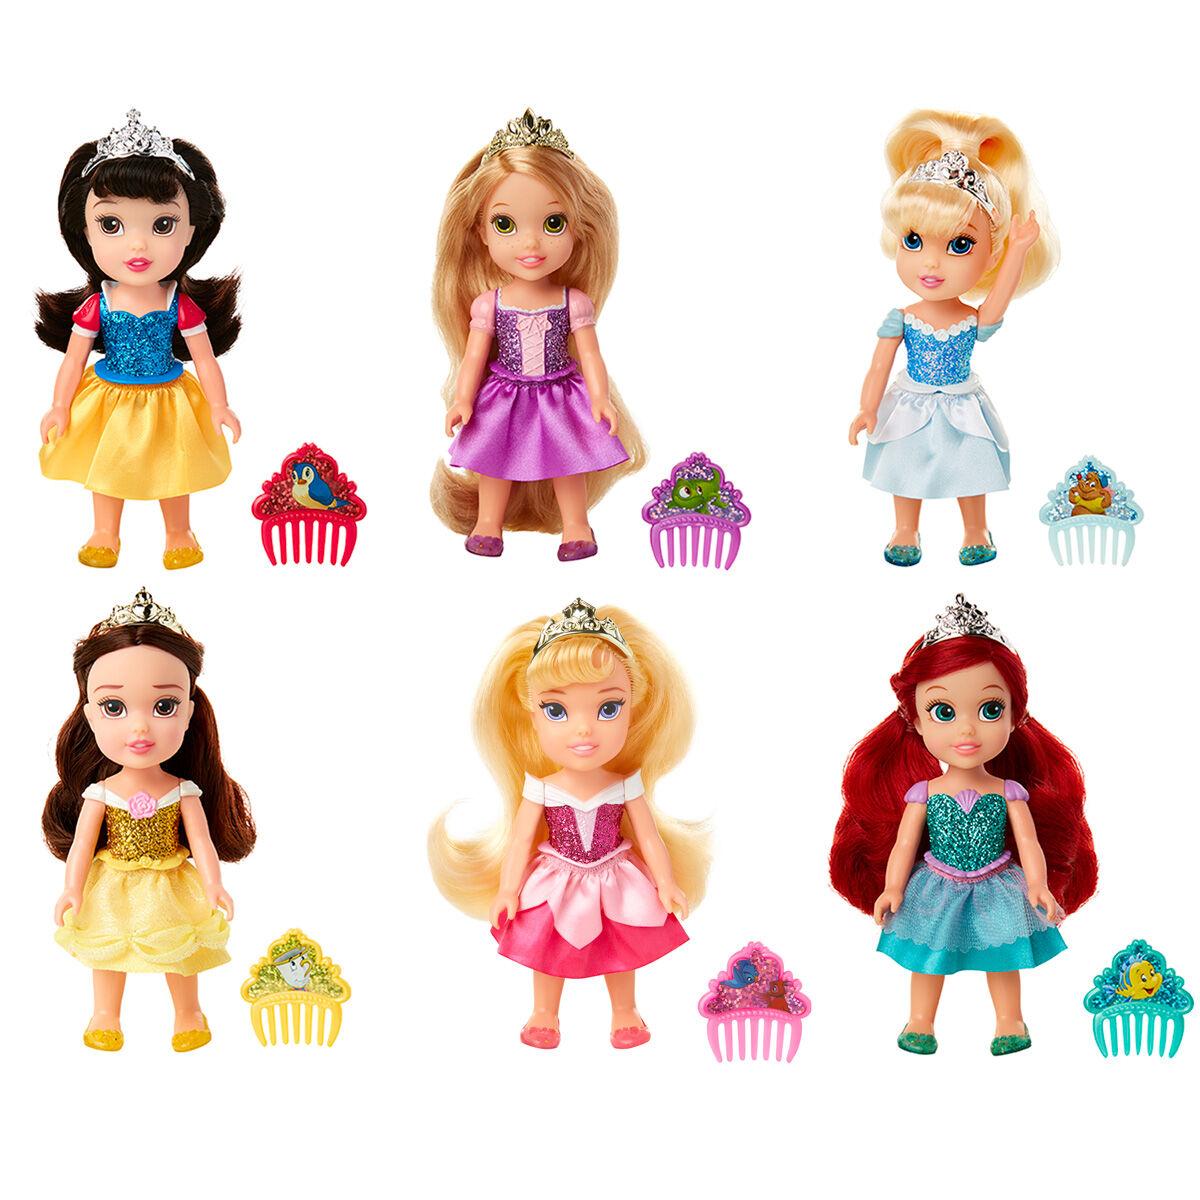 Muñeca Princesas Disney 15cm surtido 192995206052